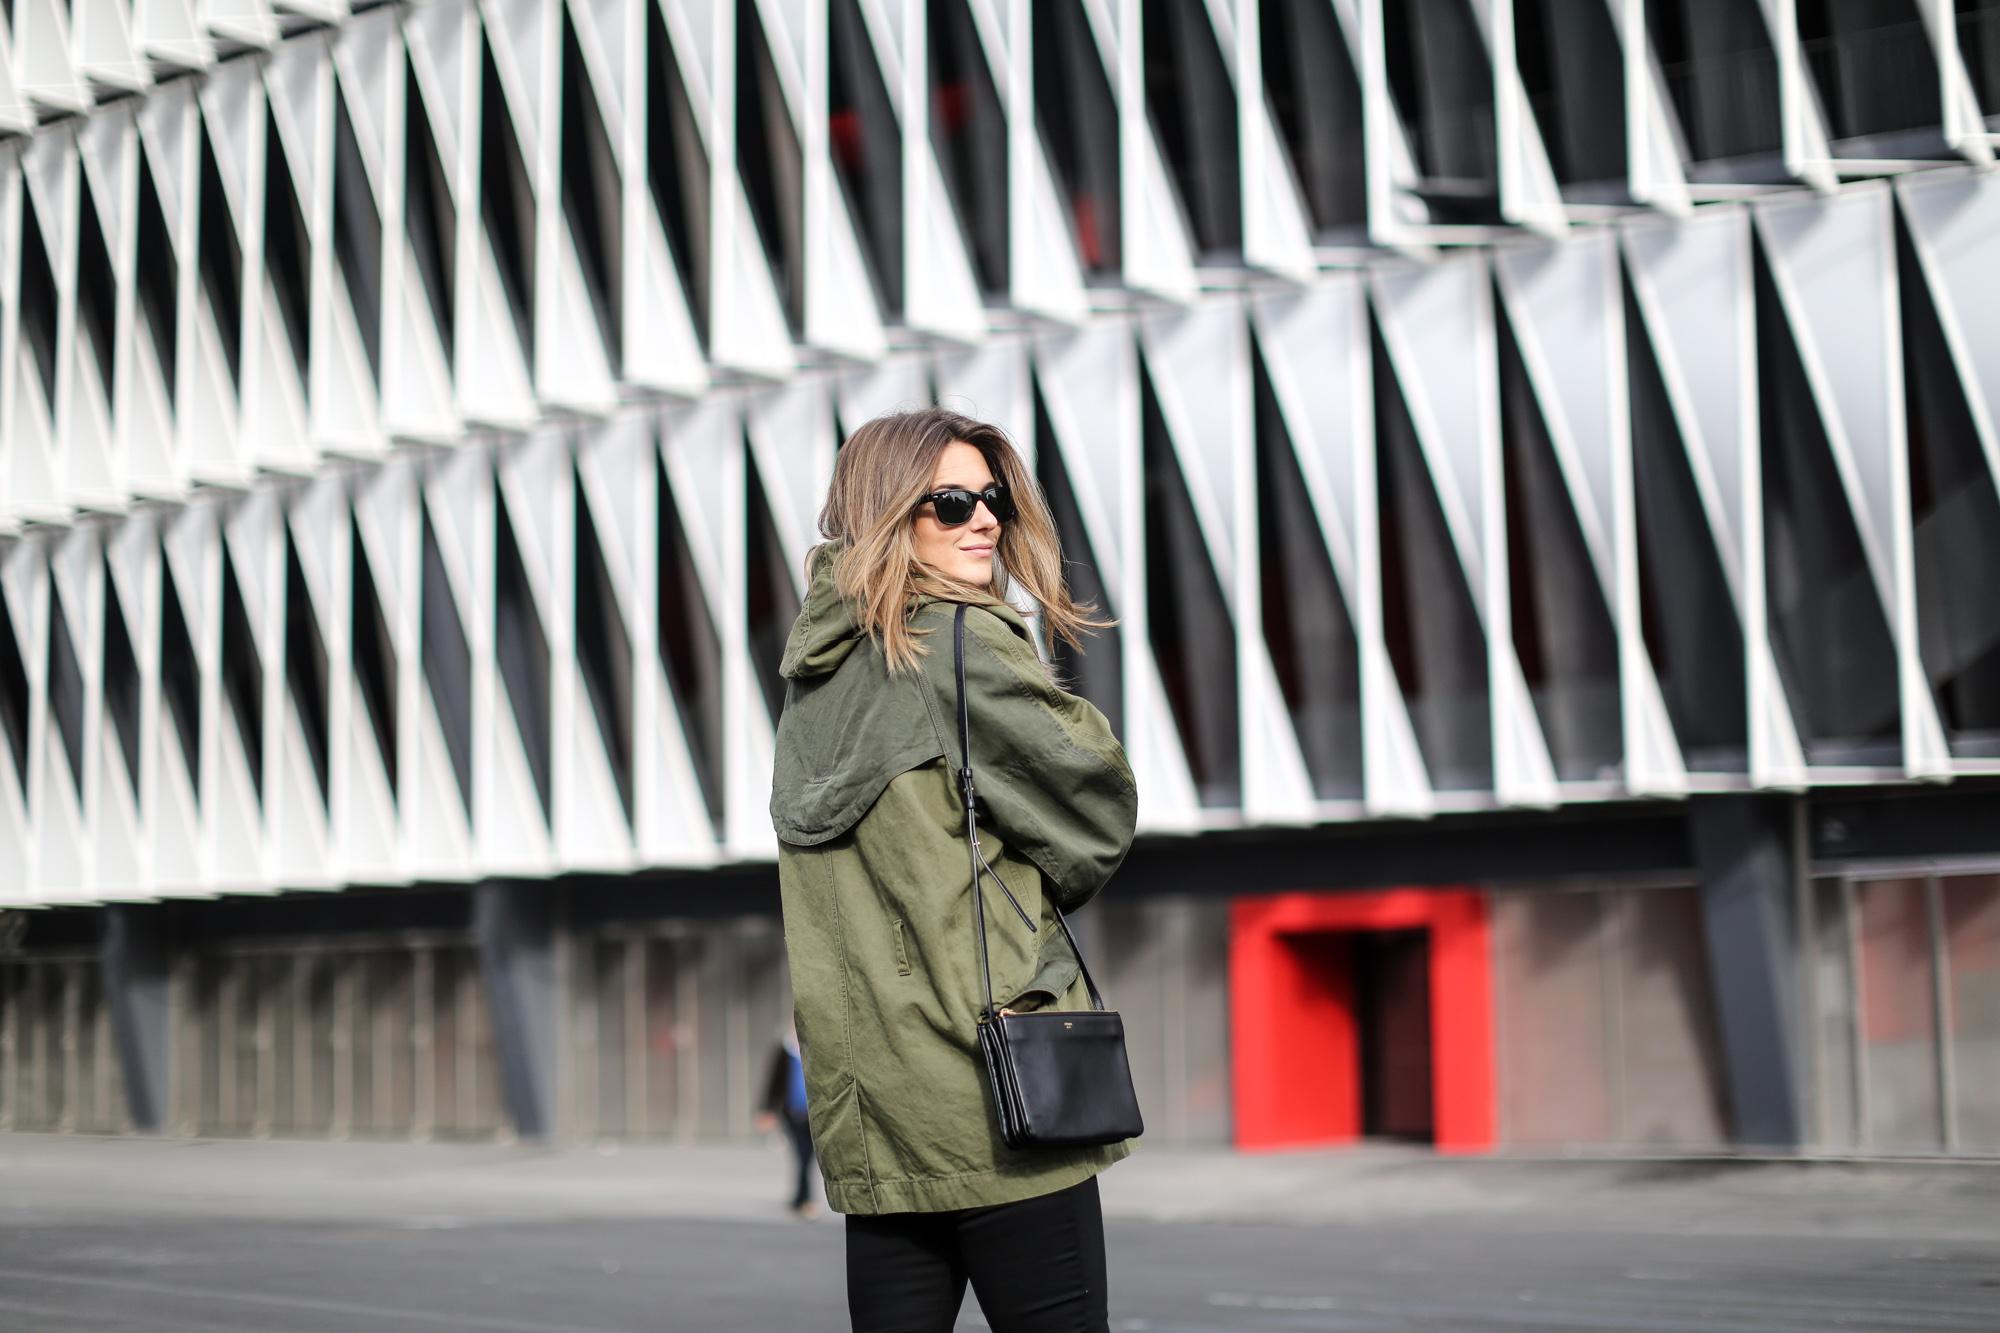 Clochet-streetstyle-isabel-marant-etoile-parka-highwaisted-jeans-kitten-heels-3